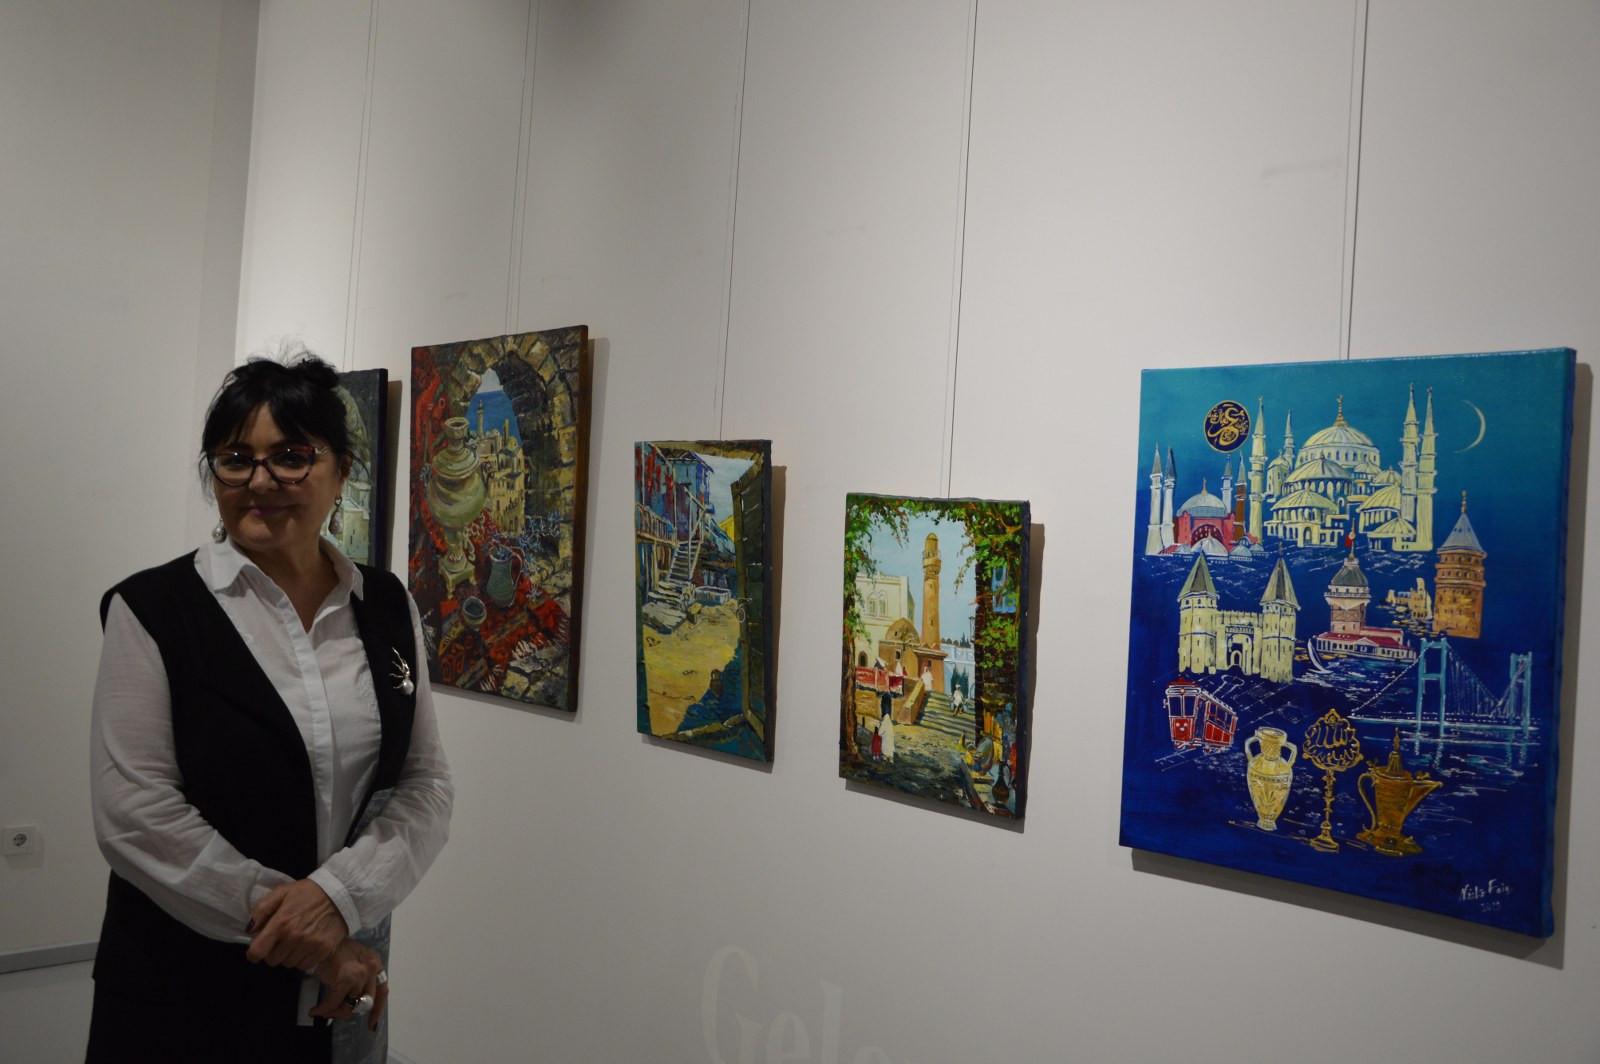 Türk Dünyasından Kadın Sanatçılar İstanbul'da Buluştu Galeri - 28. Resim